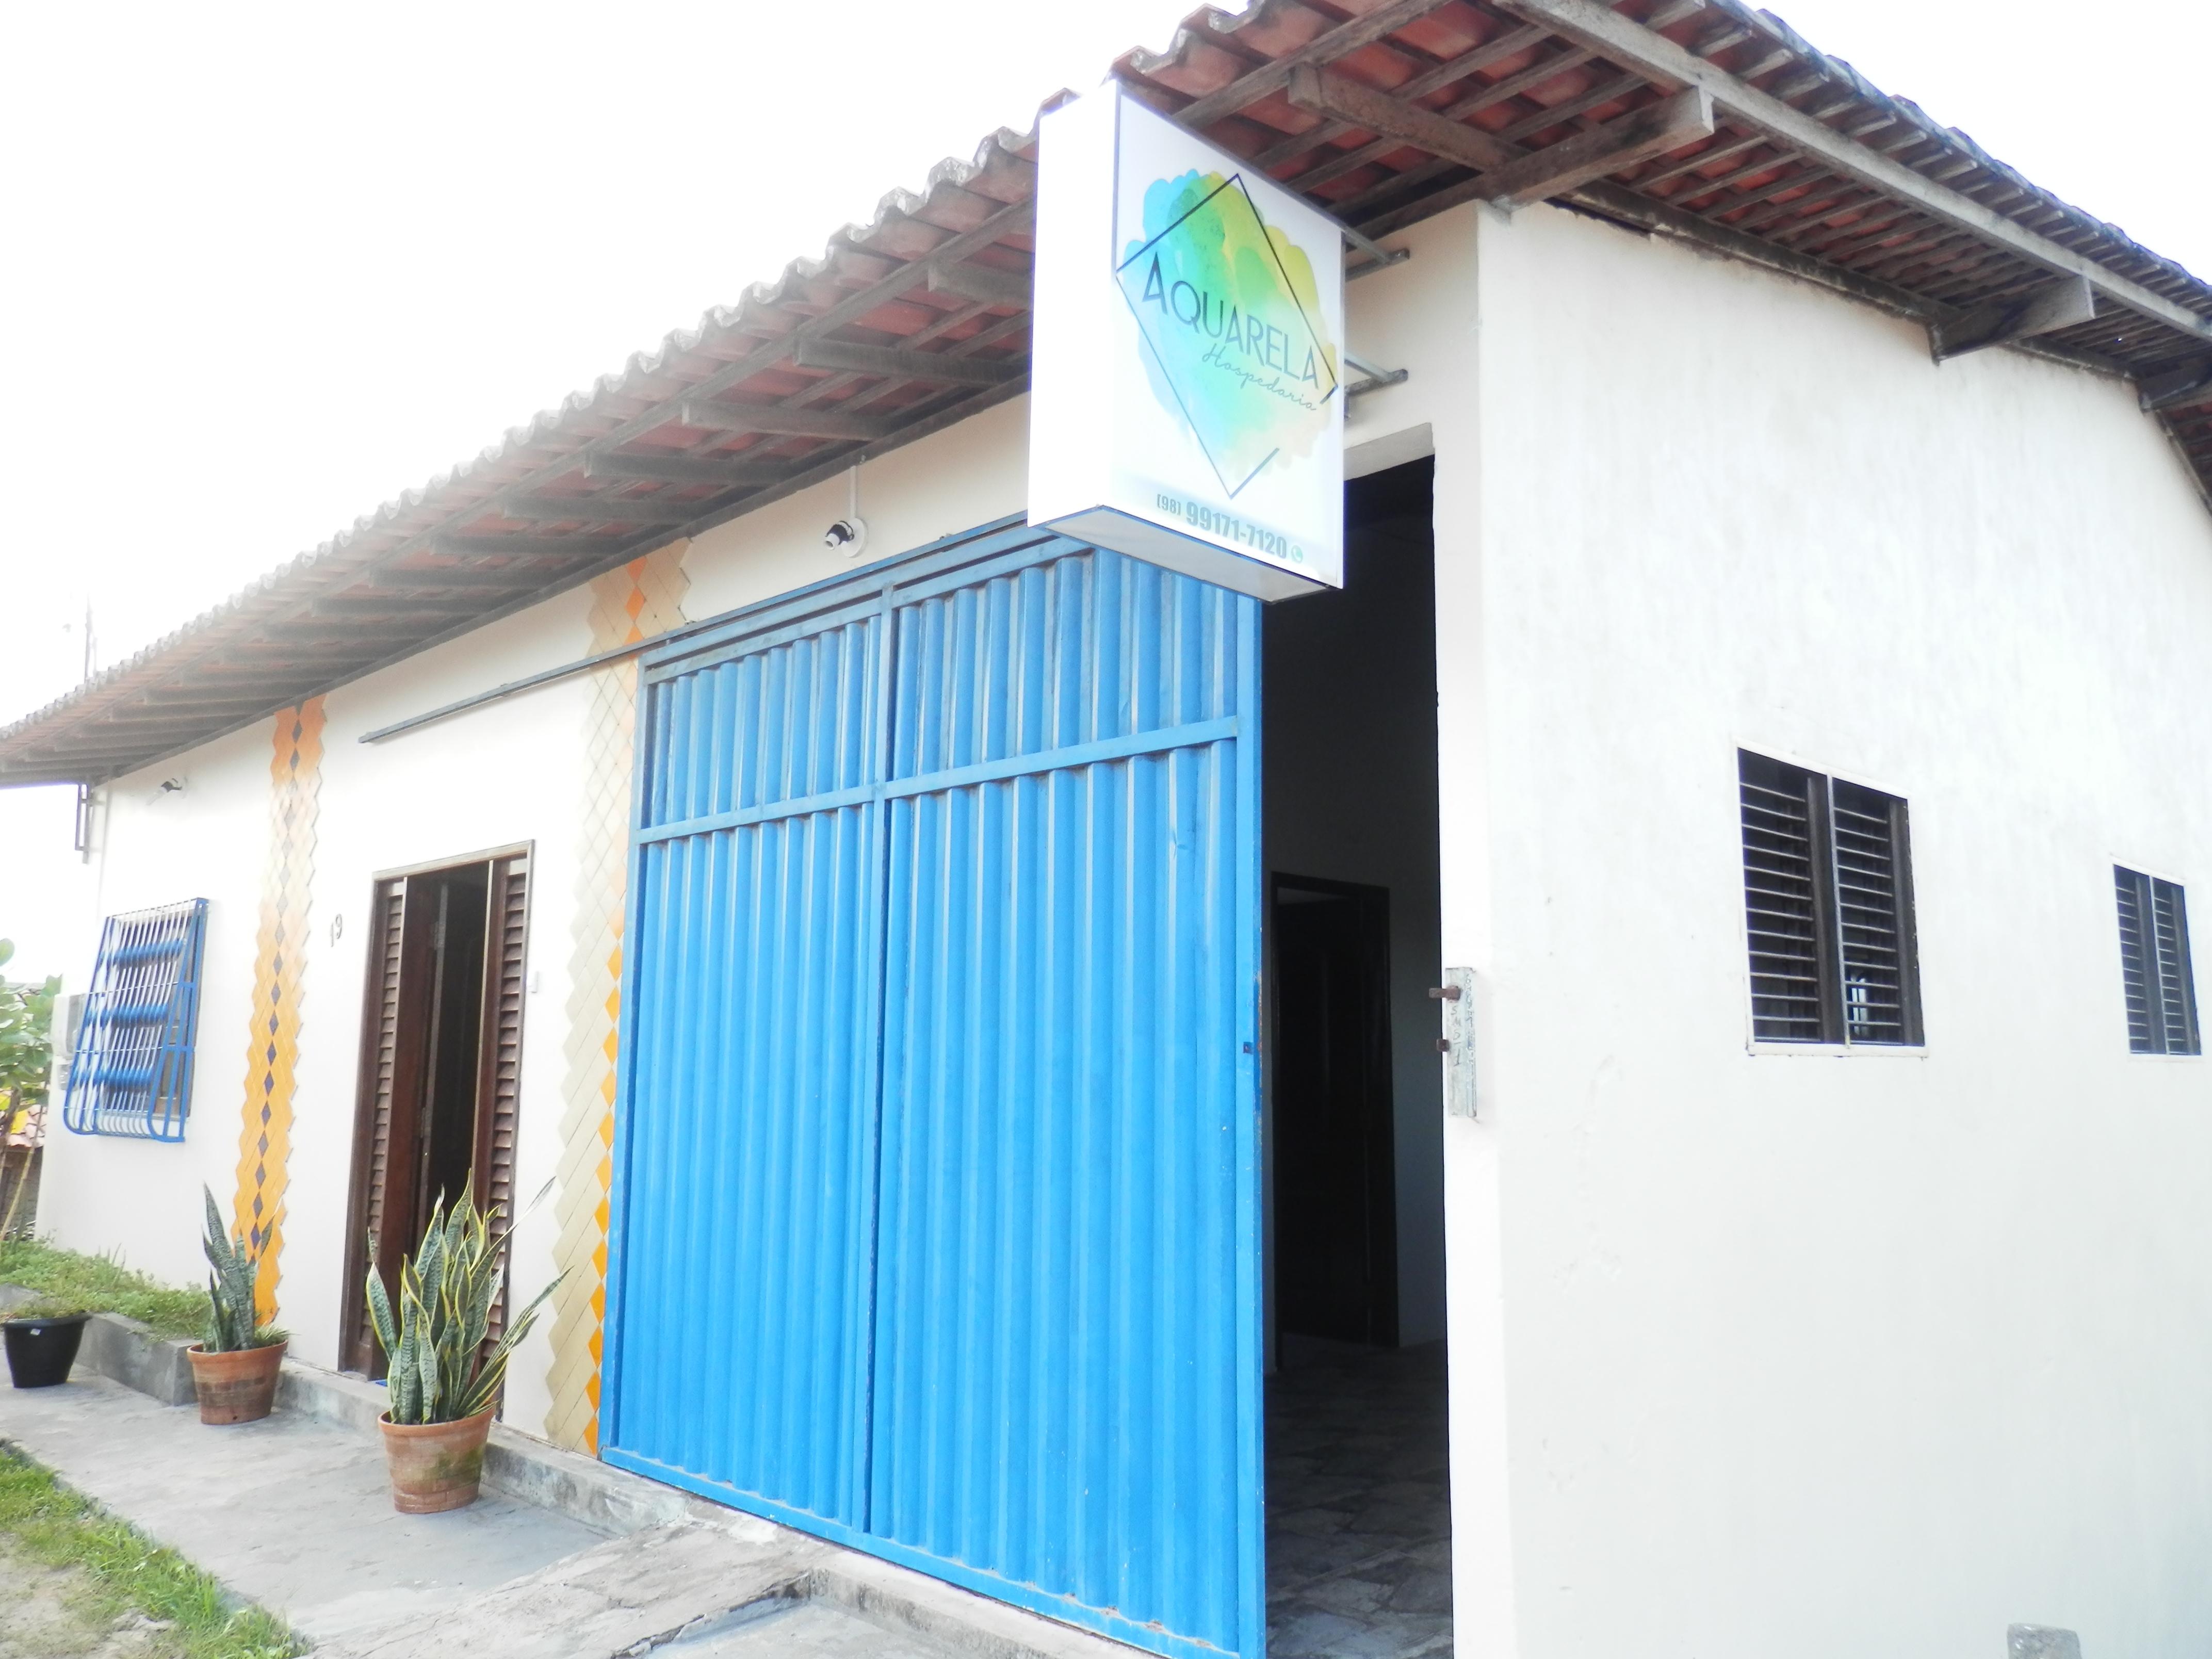 Aquarela Hospedaria